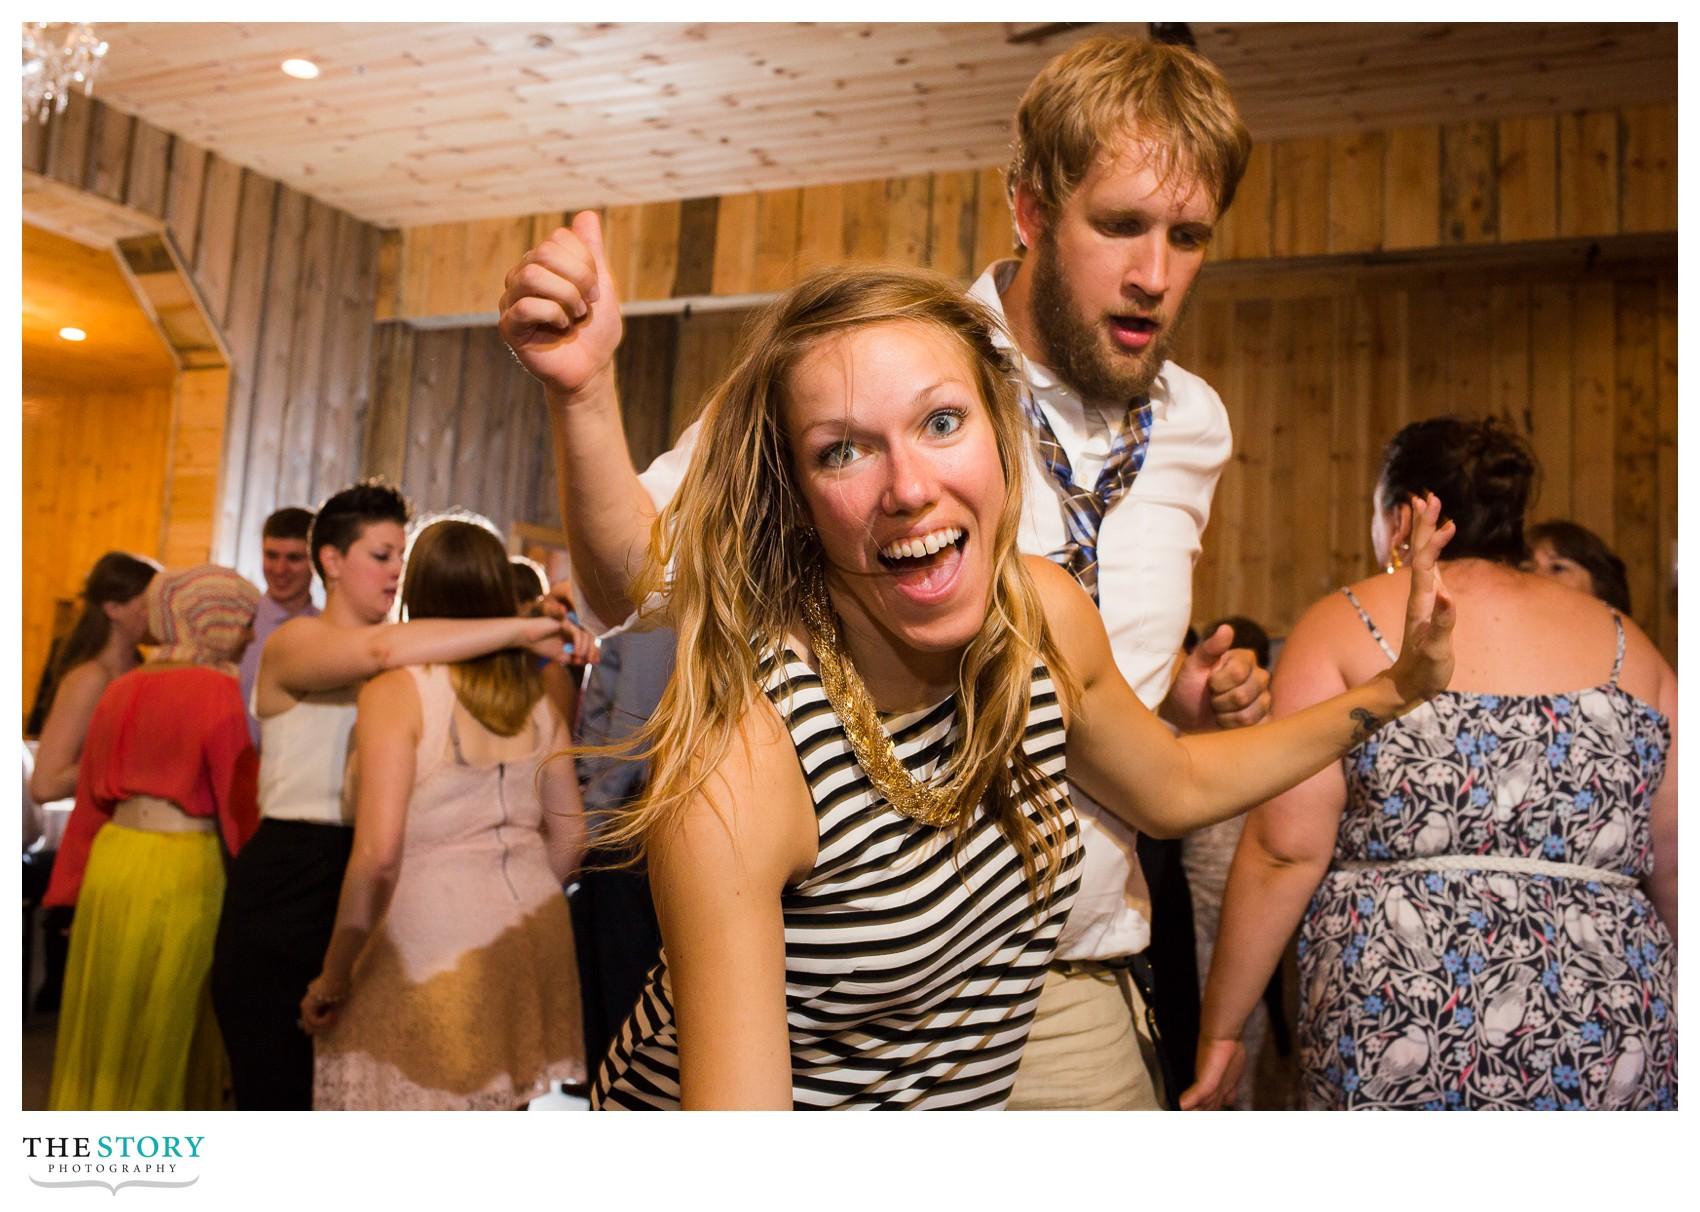 wedding guests party at NY barn wedding